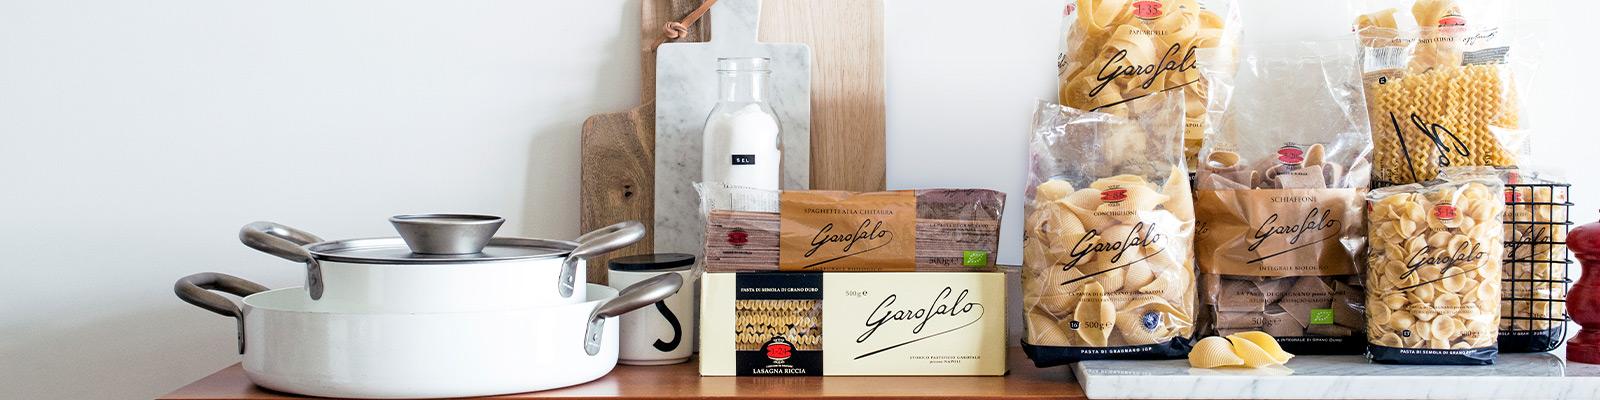 Pasta Garofalo - Prodotti